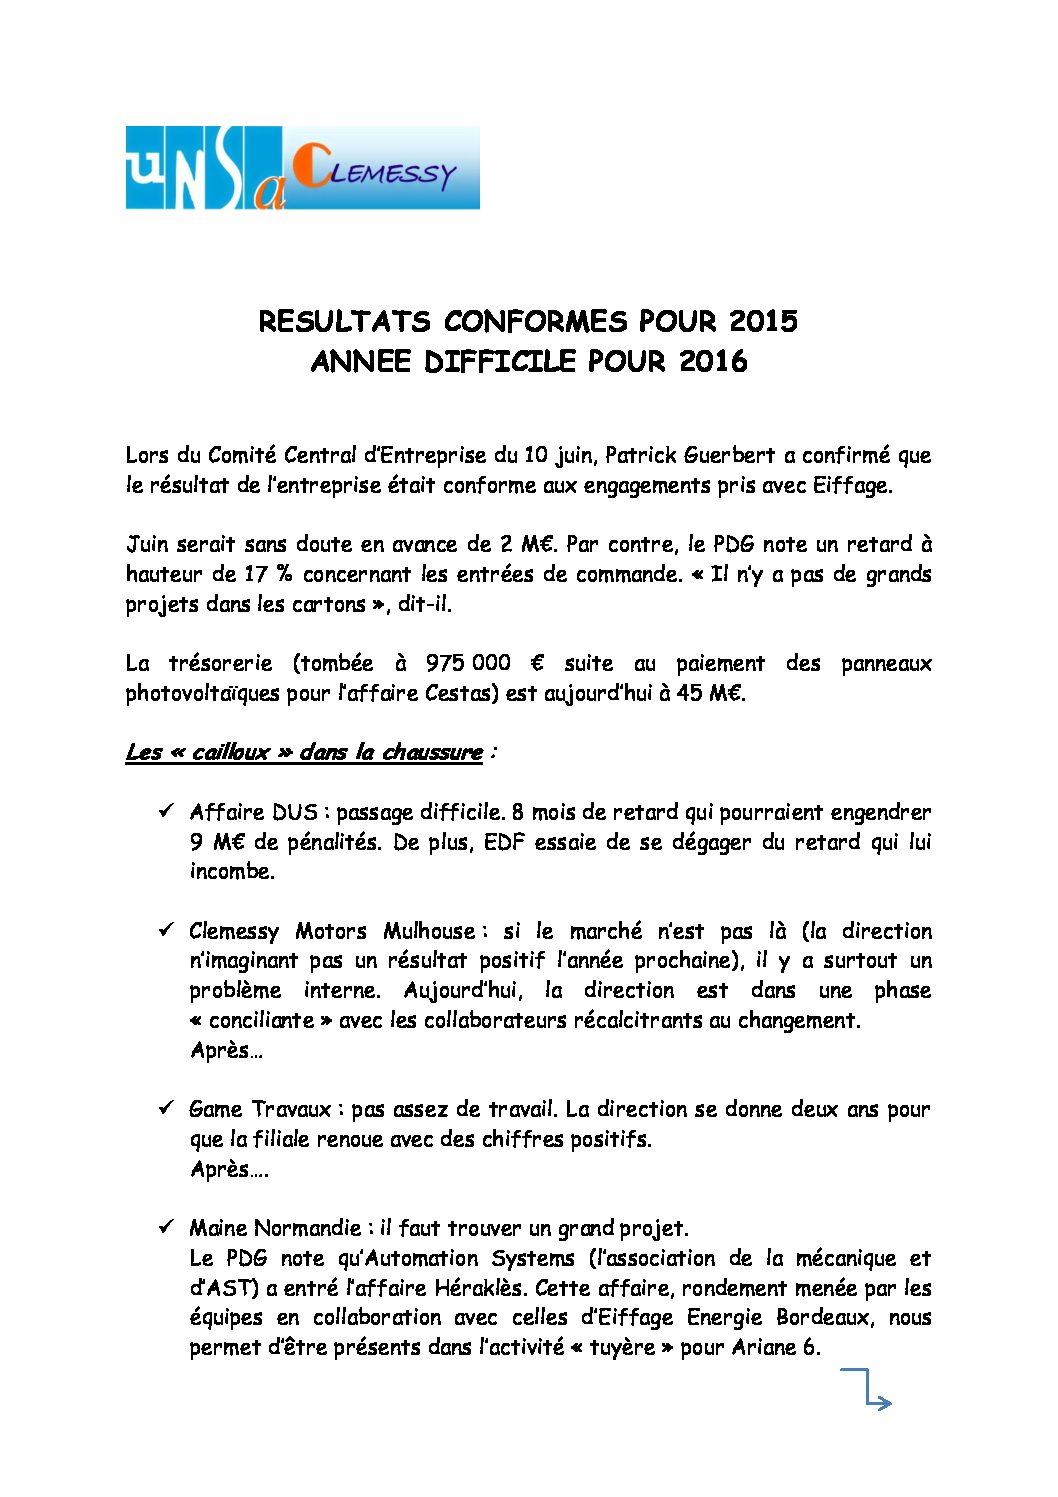 RESULTATS-CONFORMES-POUR-2015